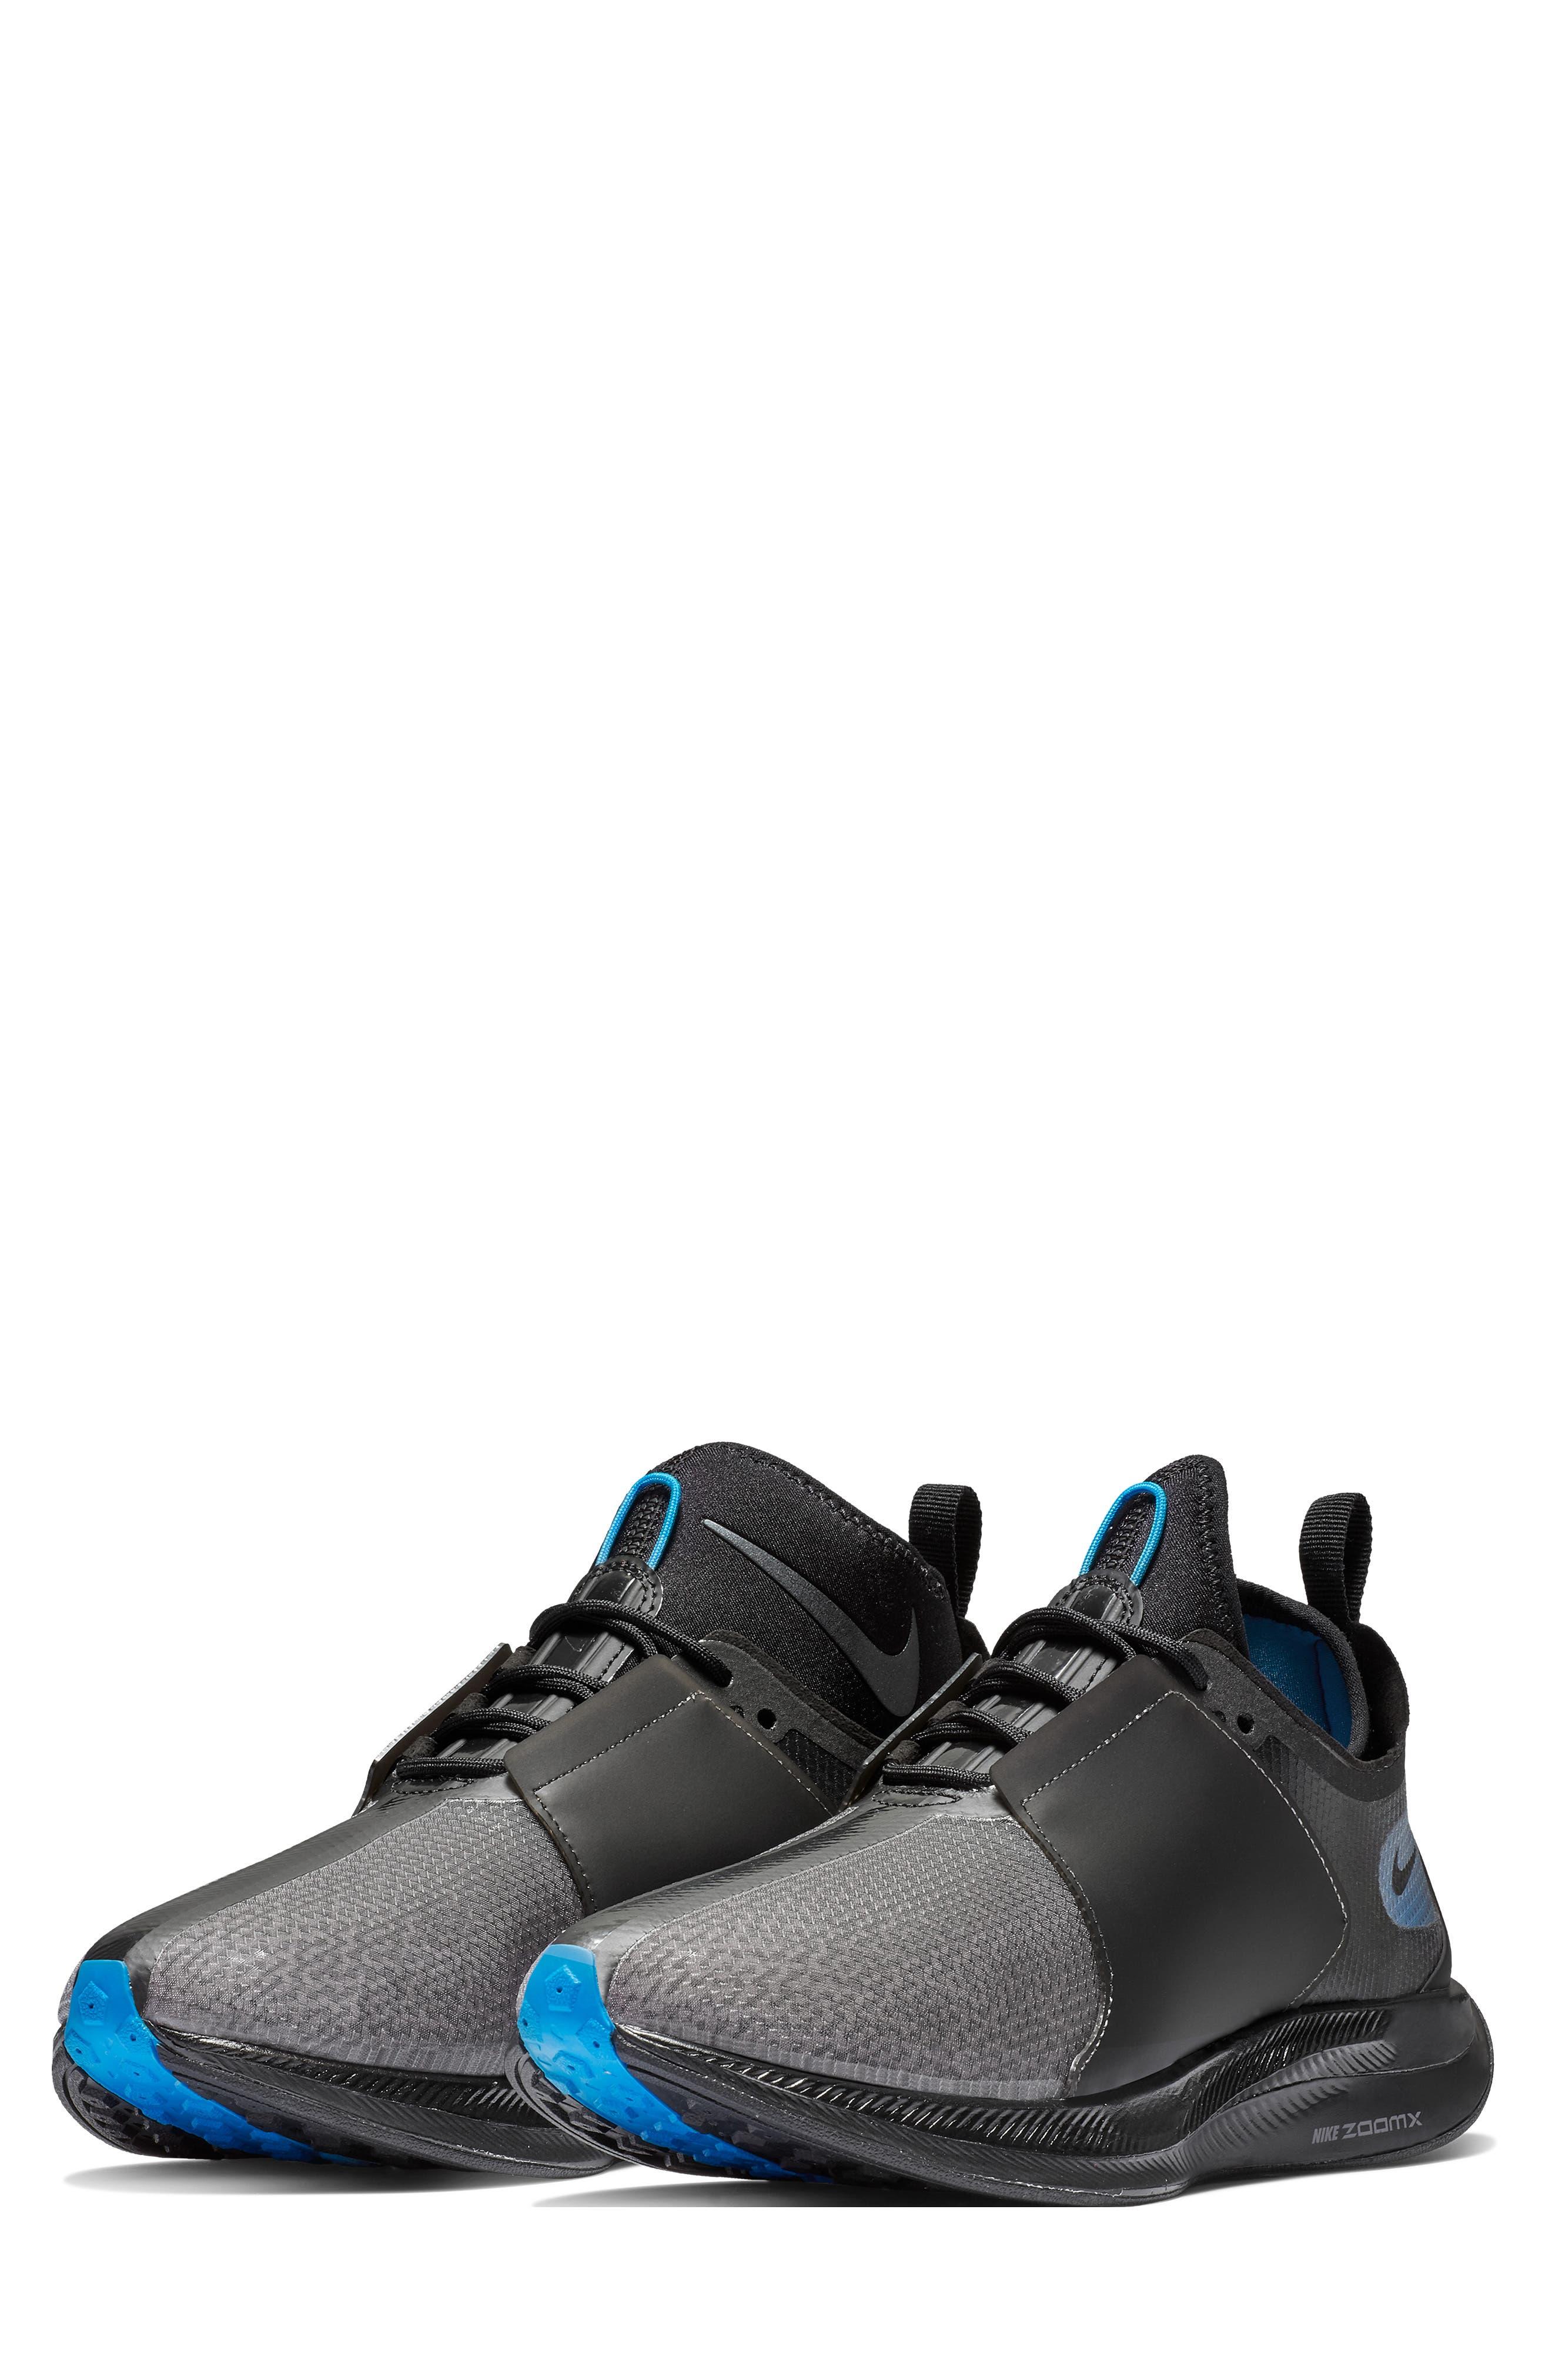 NIKE, Zoom Pegasus Turbo XX Running Shoe, Main thumbnail 1, color, 004